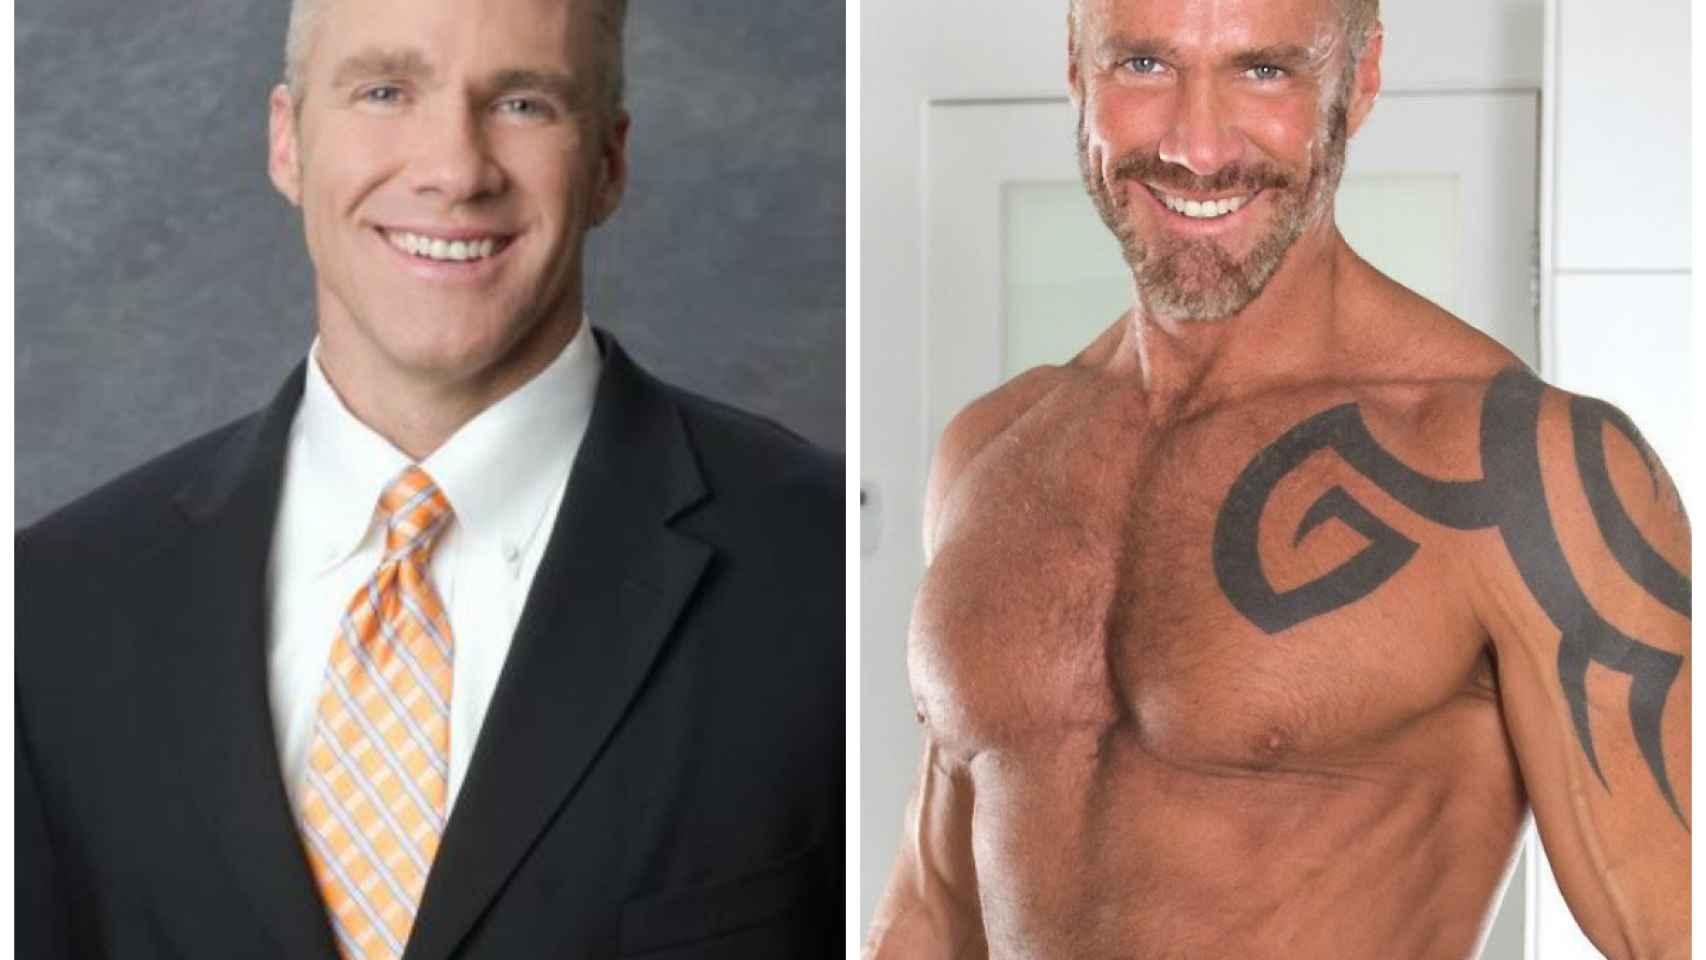 El antes y el después de Jim Walker, ahora conocido como Dallas Steele.